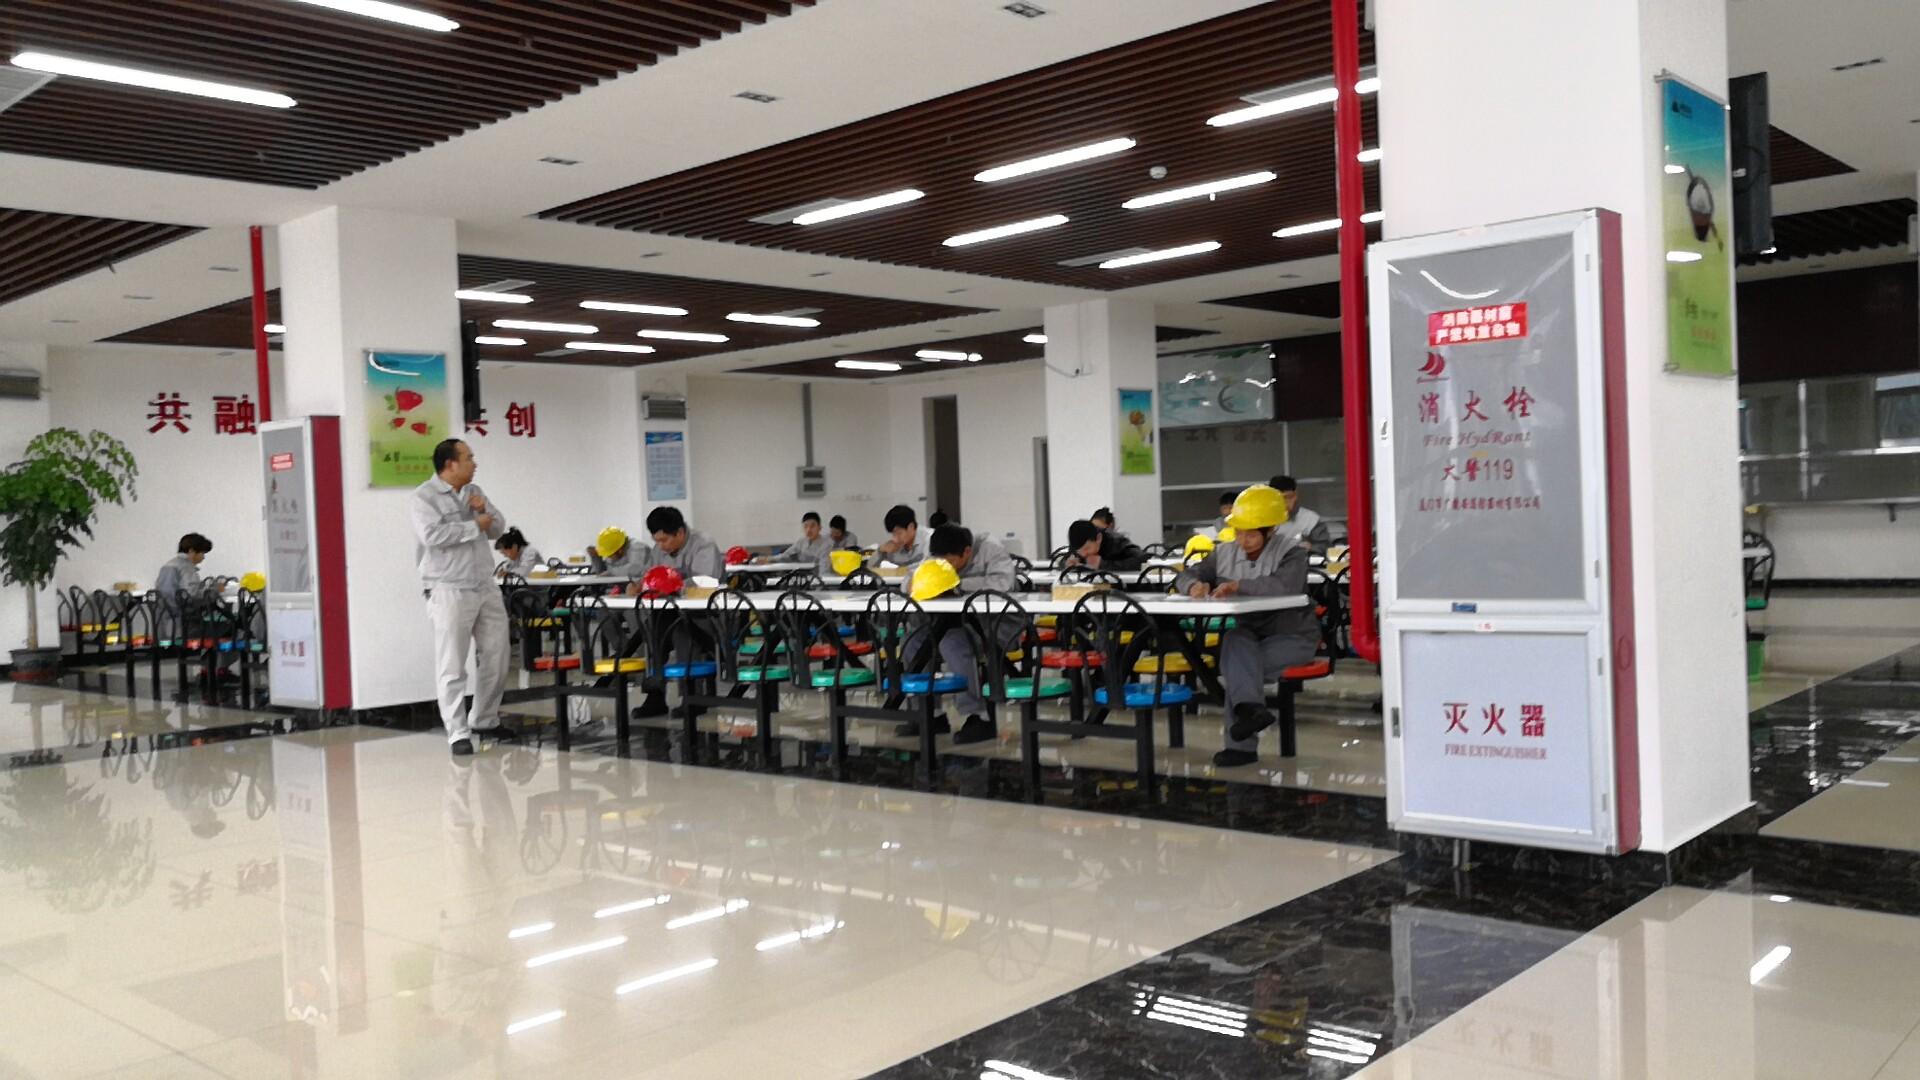 神福鴻電燃料專工正在進行現場監考.jpg